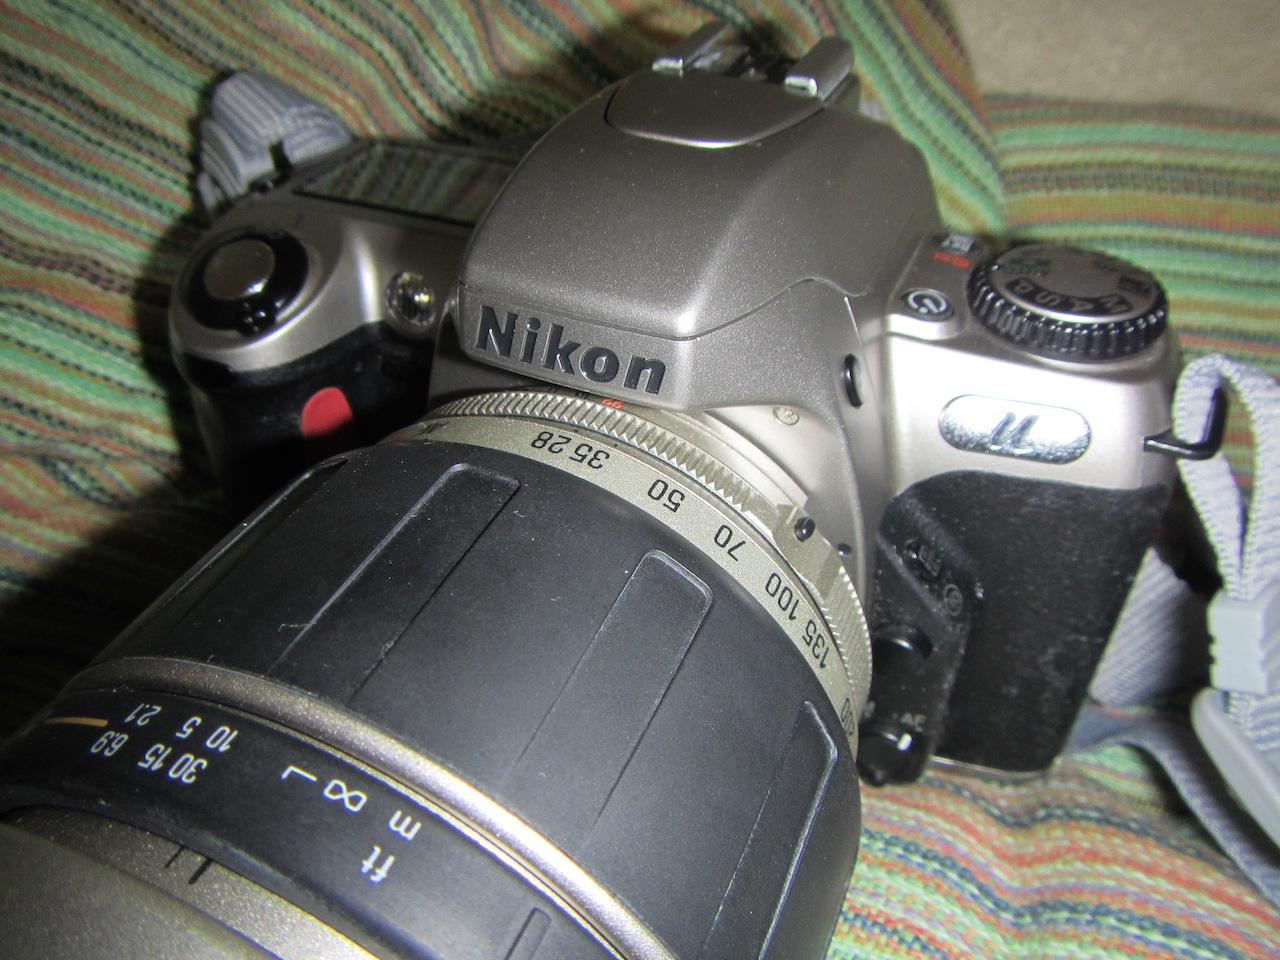 Nikon U or F65 orN65